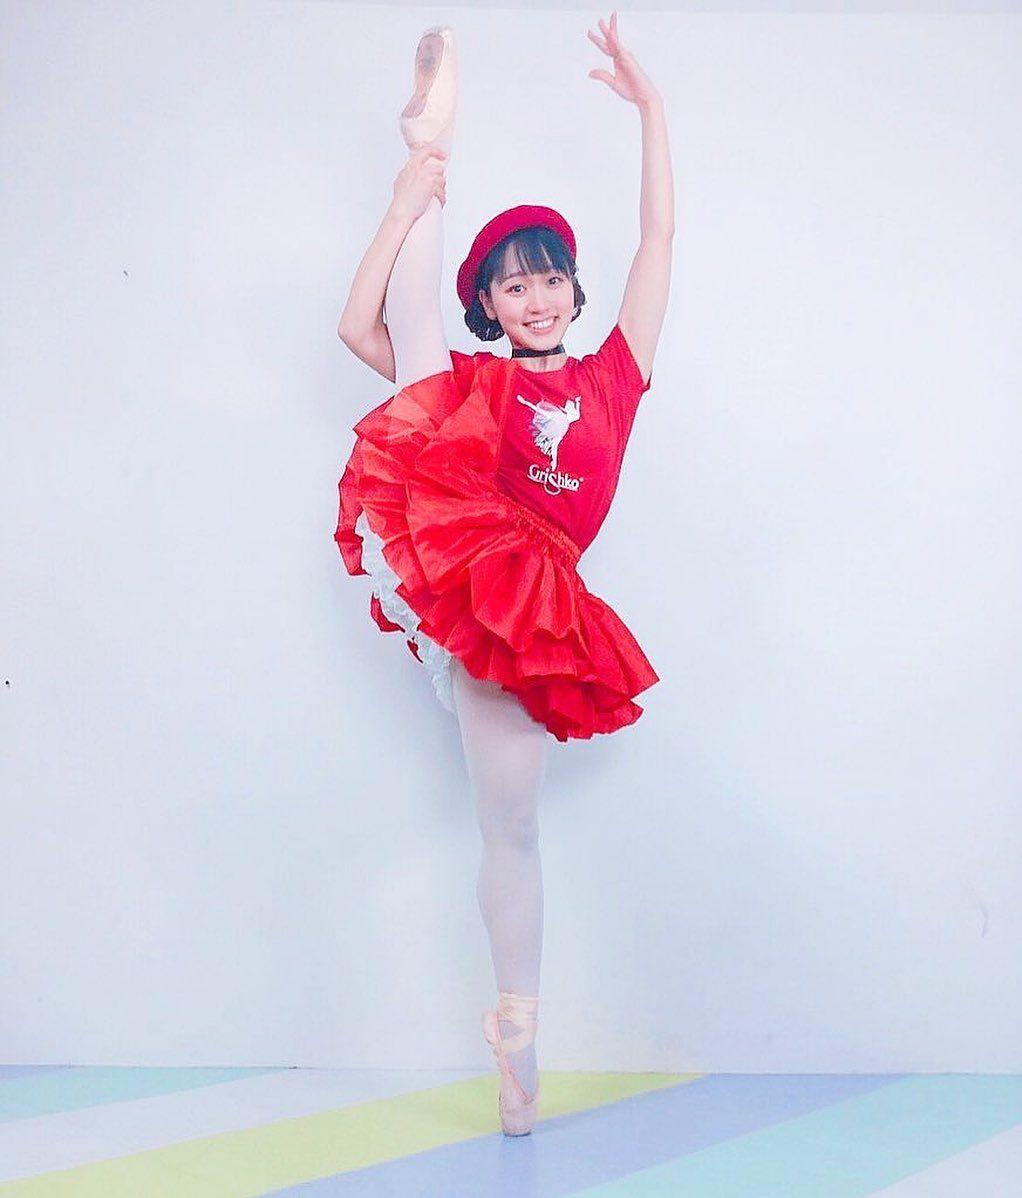 バレエ芸人 吉本 バレエ日本一で吉本所属 異色の経歴持つ27歳の女性芸人、お笑いを熱く語る 阪神 神戸新聞NEXT